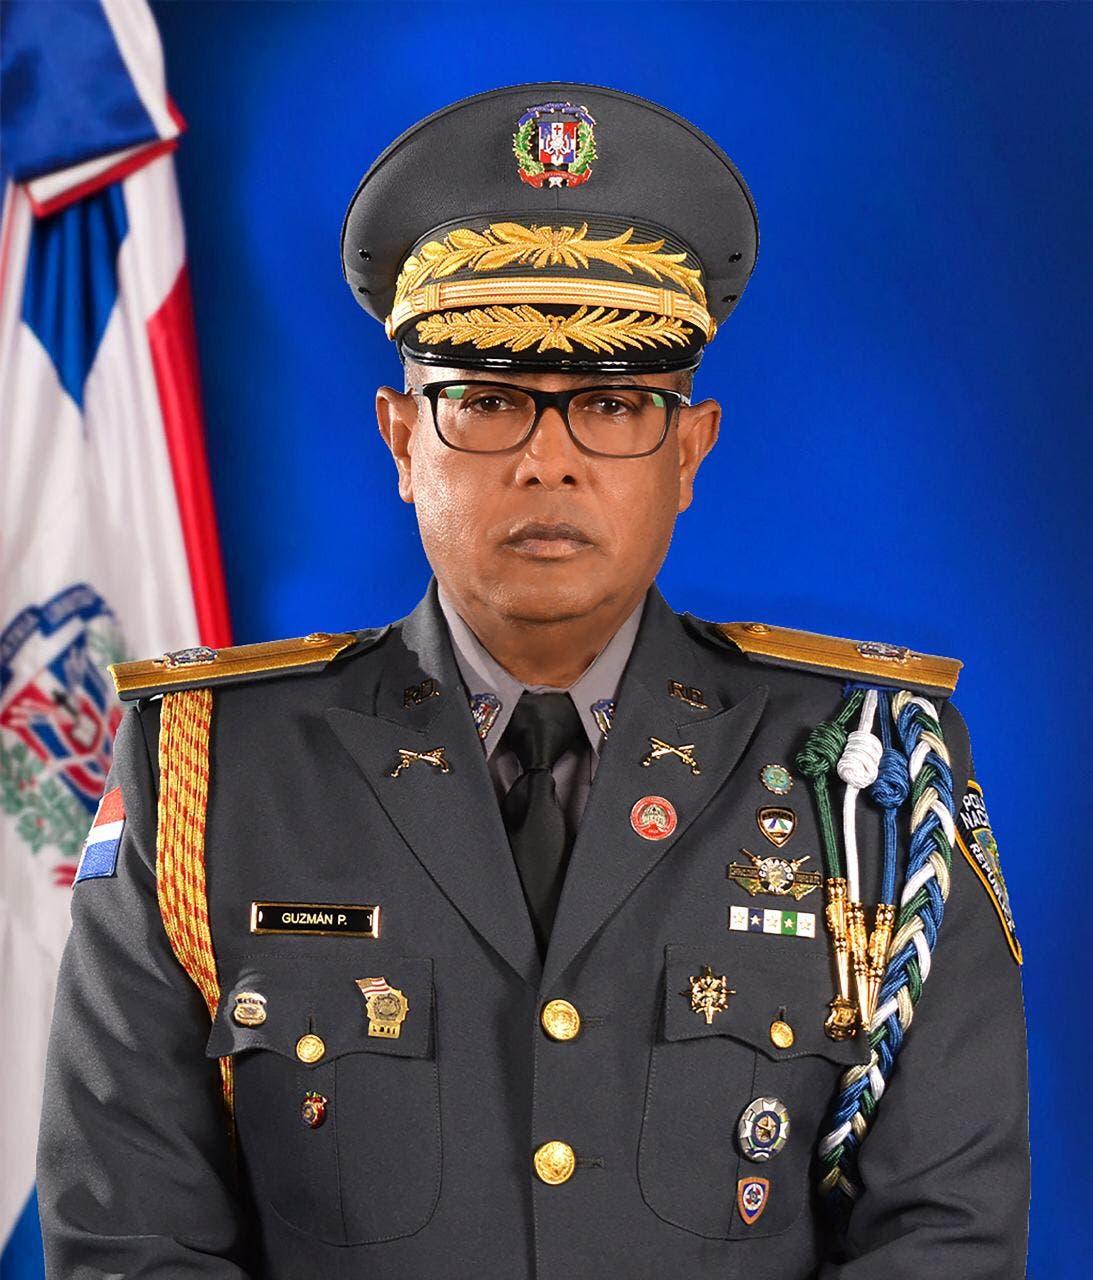 ¿Quién es Ramón Antonio Guzmán Peralta, el nuevo director de la DIGESETT?